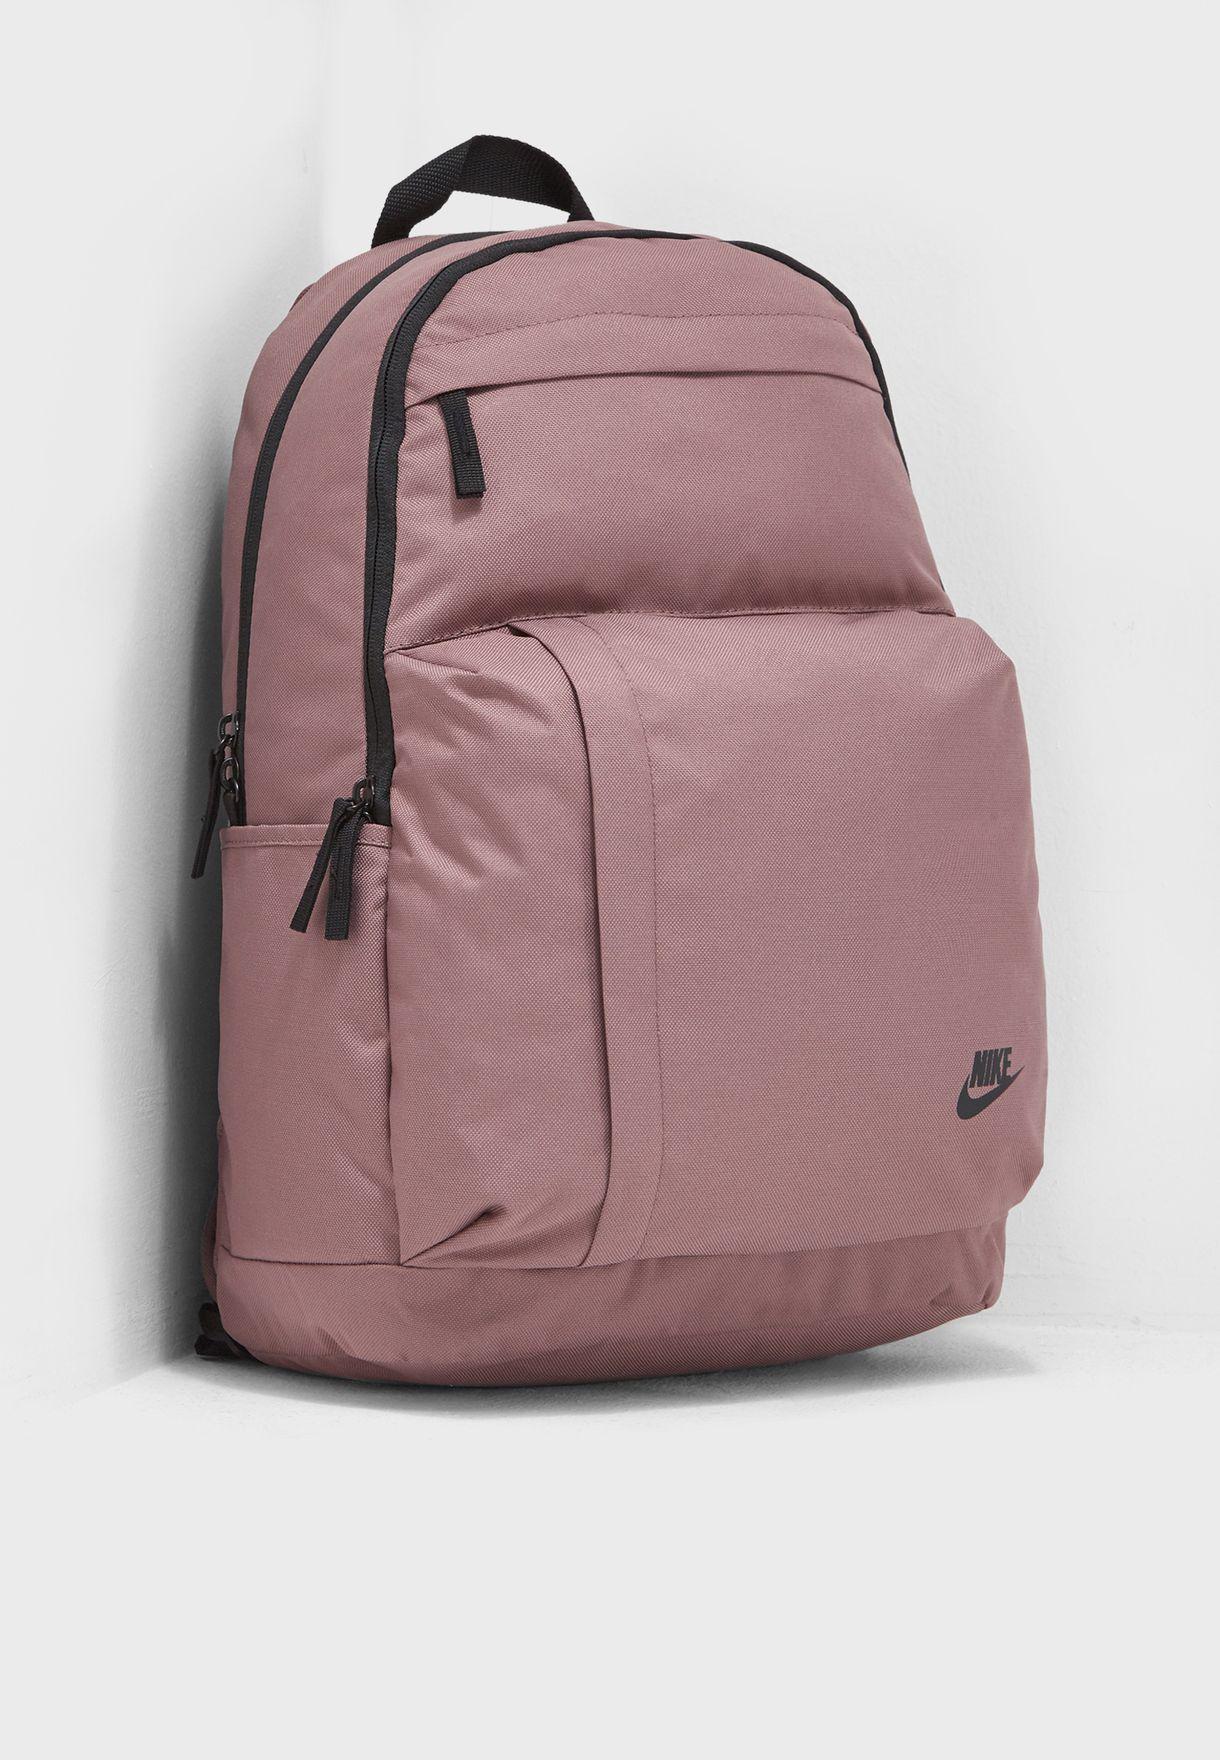 8d81f29e72 Shop Nike purple Elemental Backpack BA5768-259 for Women in Saudi ...